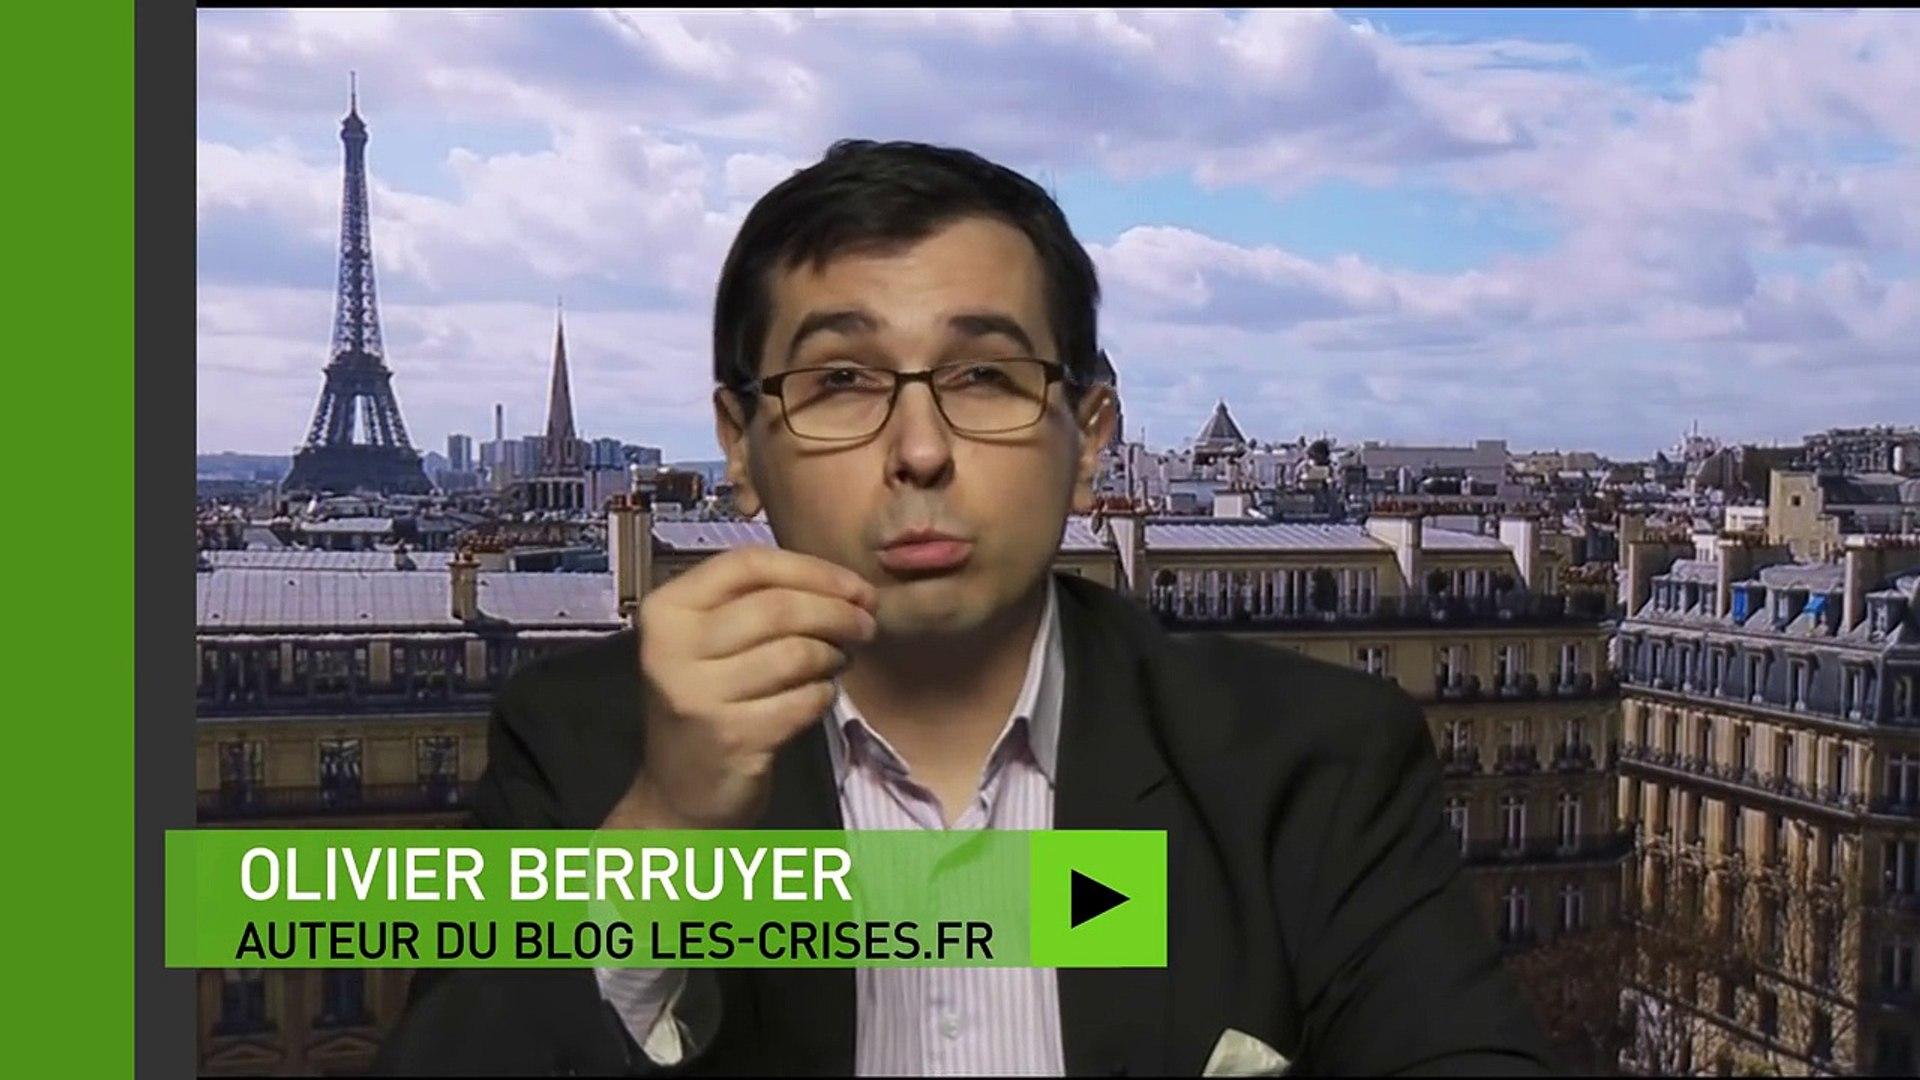 Olivier Berruyer : «Nous sommes dans une époque de perte de contact avec la réalité»